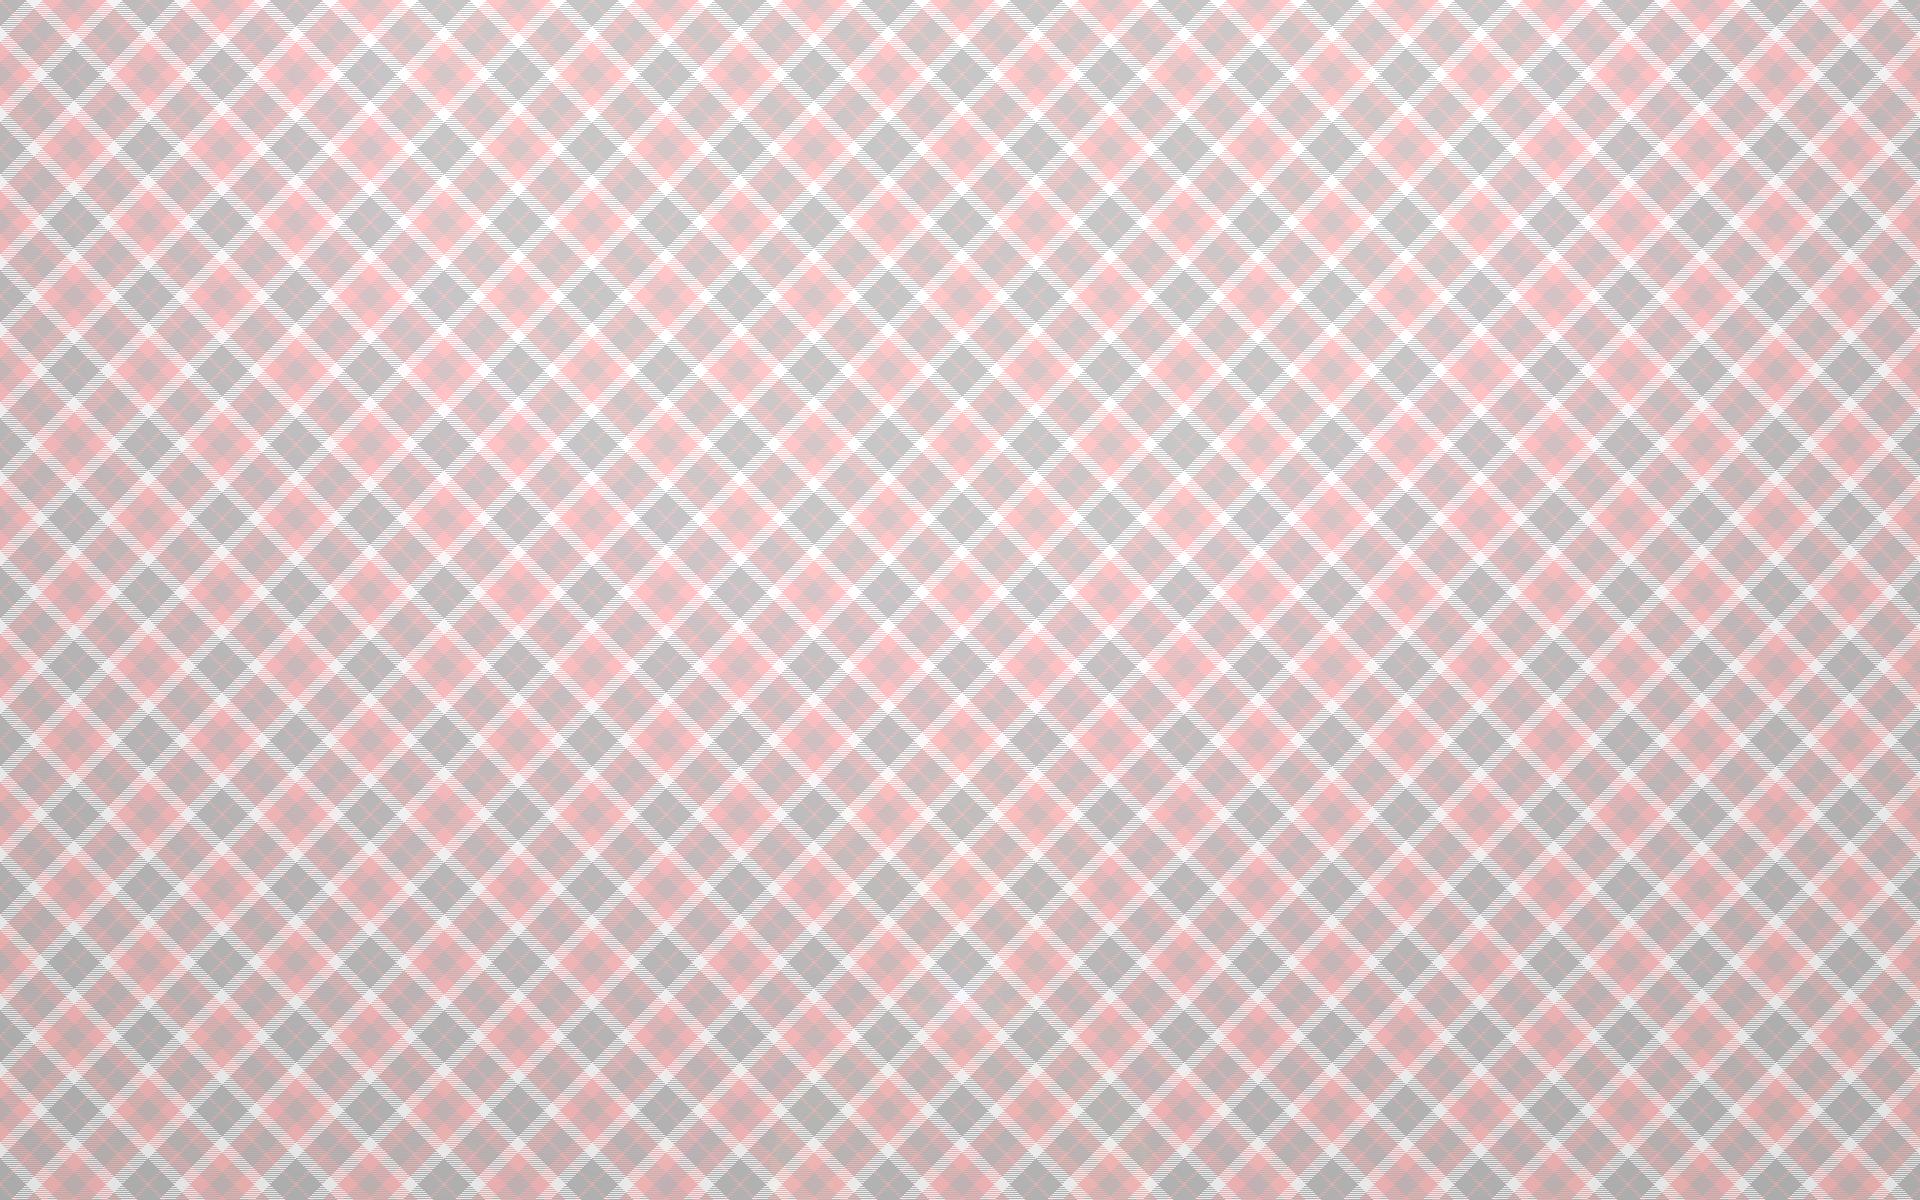 wallpaper patterns online 2015   Grasscloth Wallpaper 1920x1200